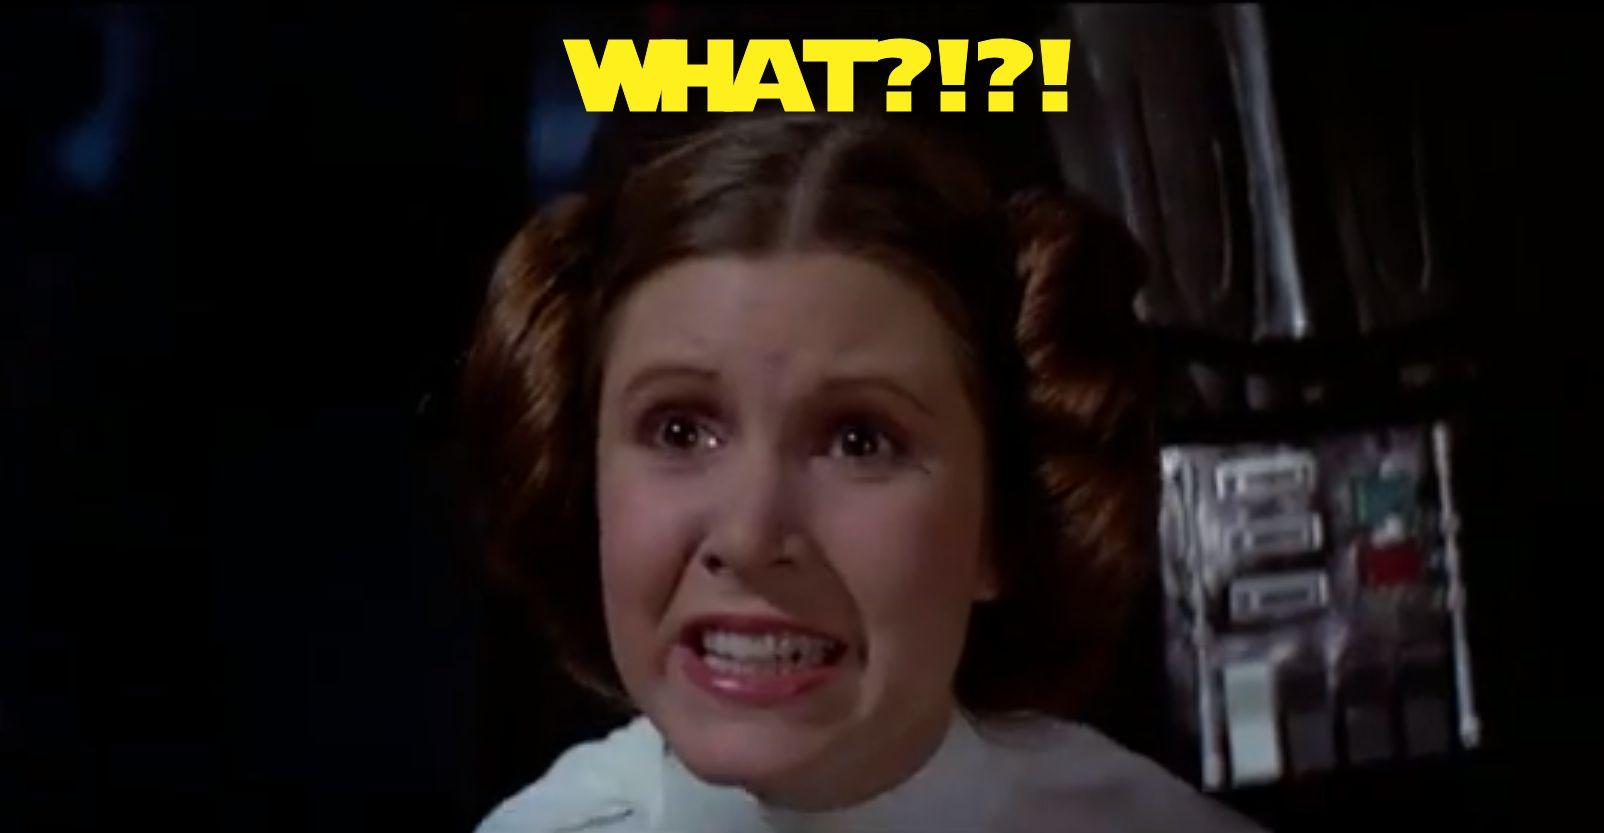 Leia - WHAT?!?!